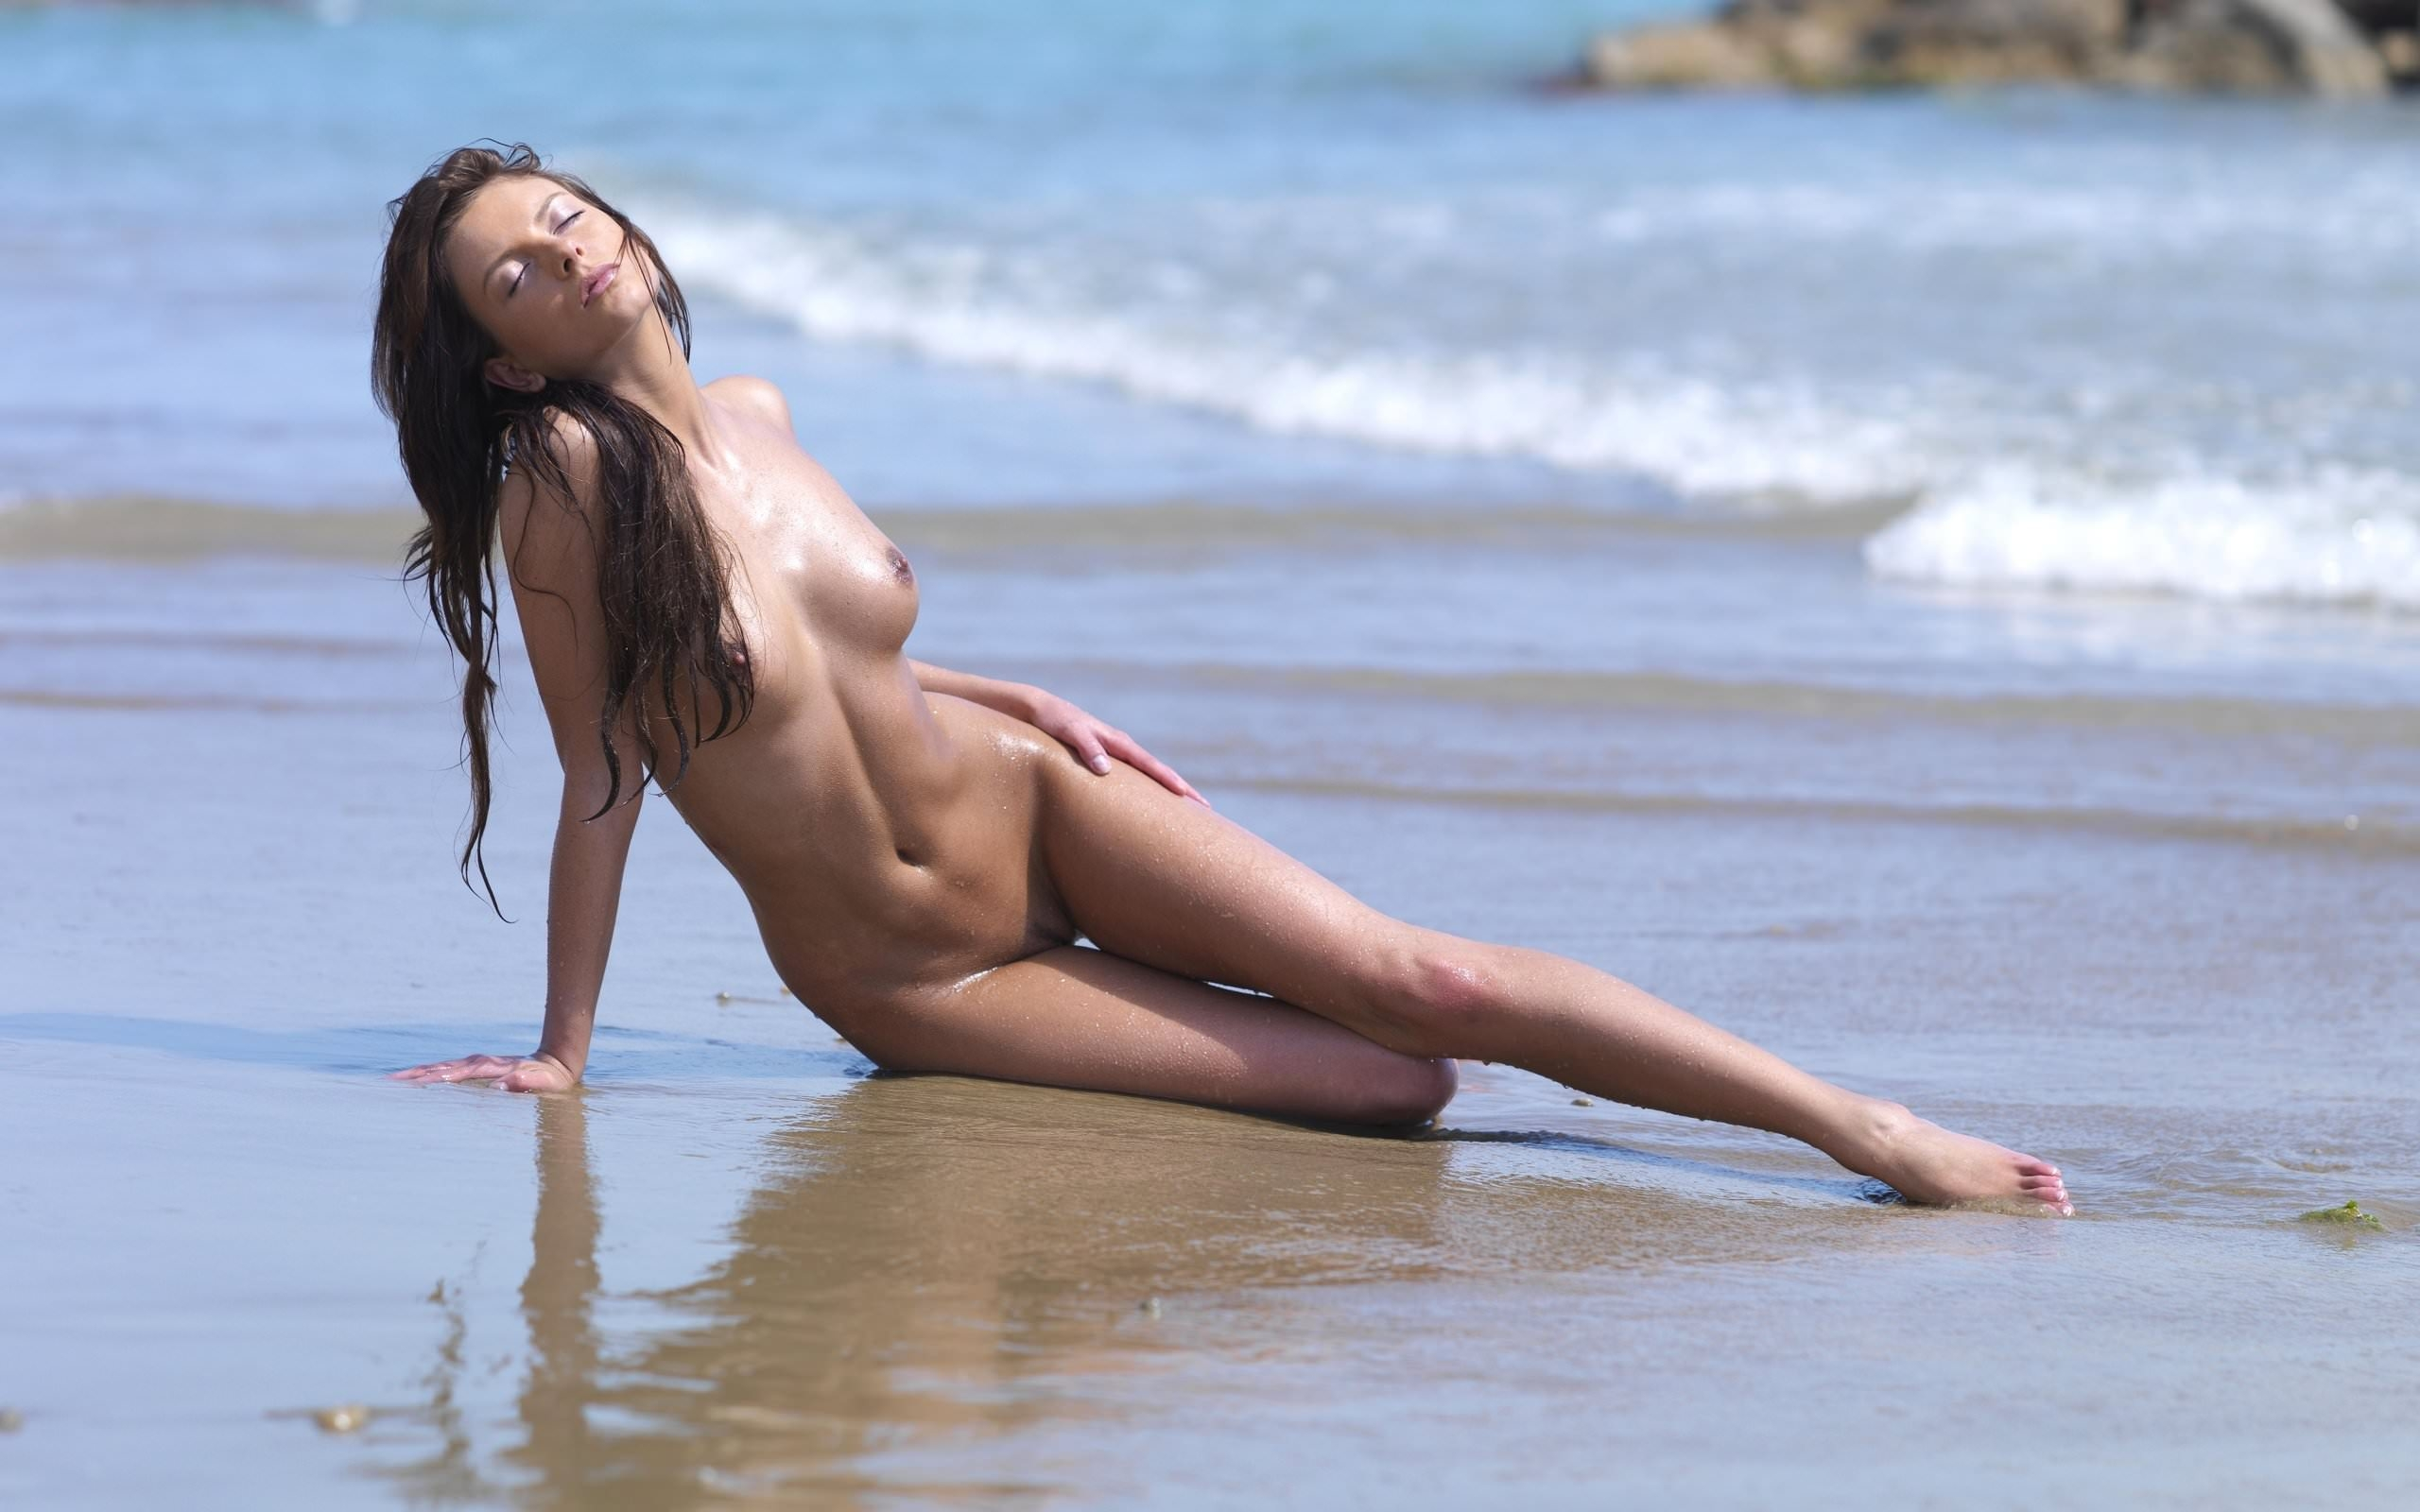 Обнаженные Тела На Пляже